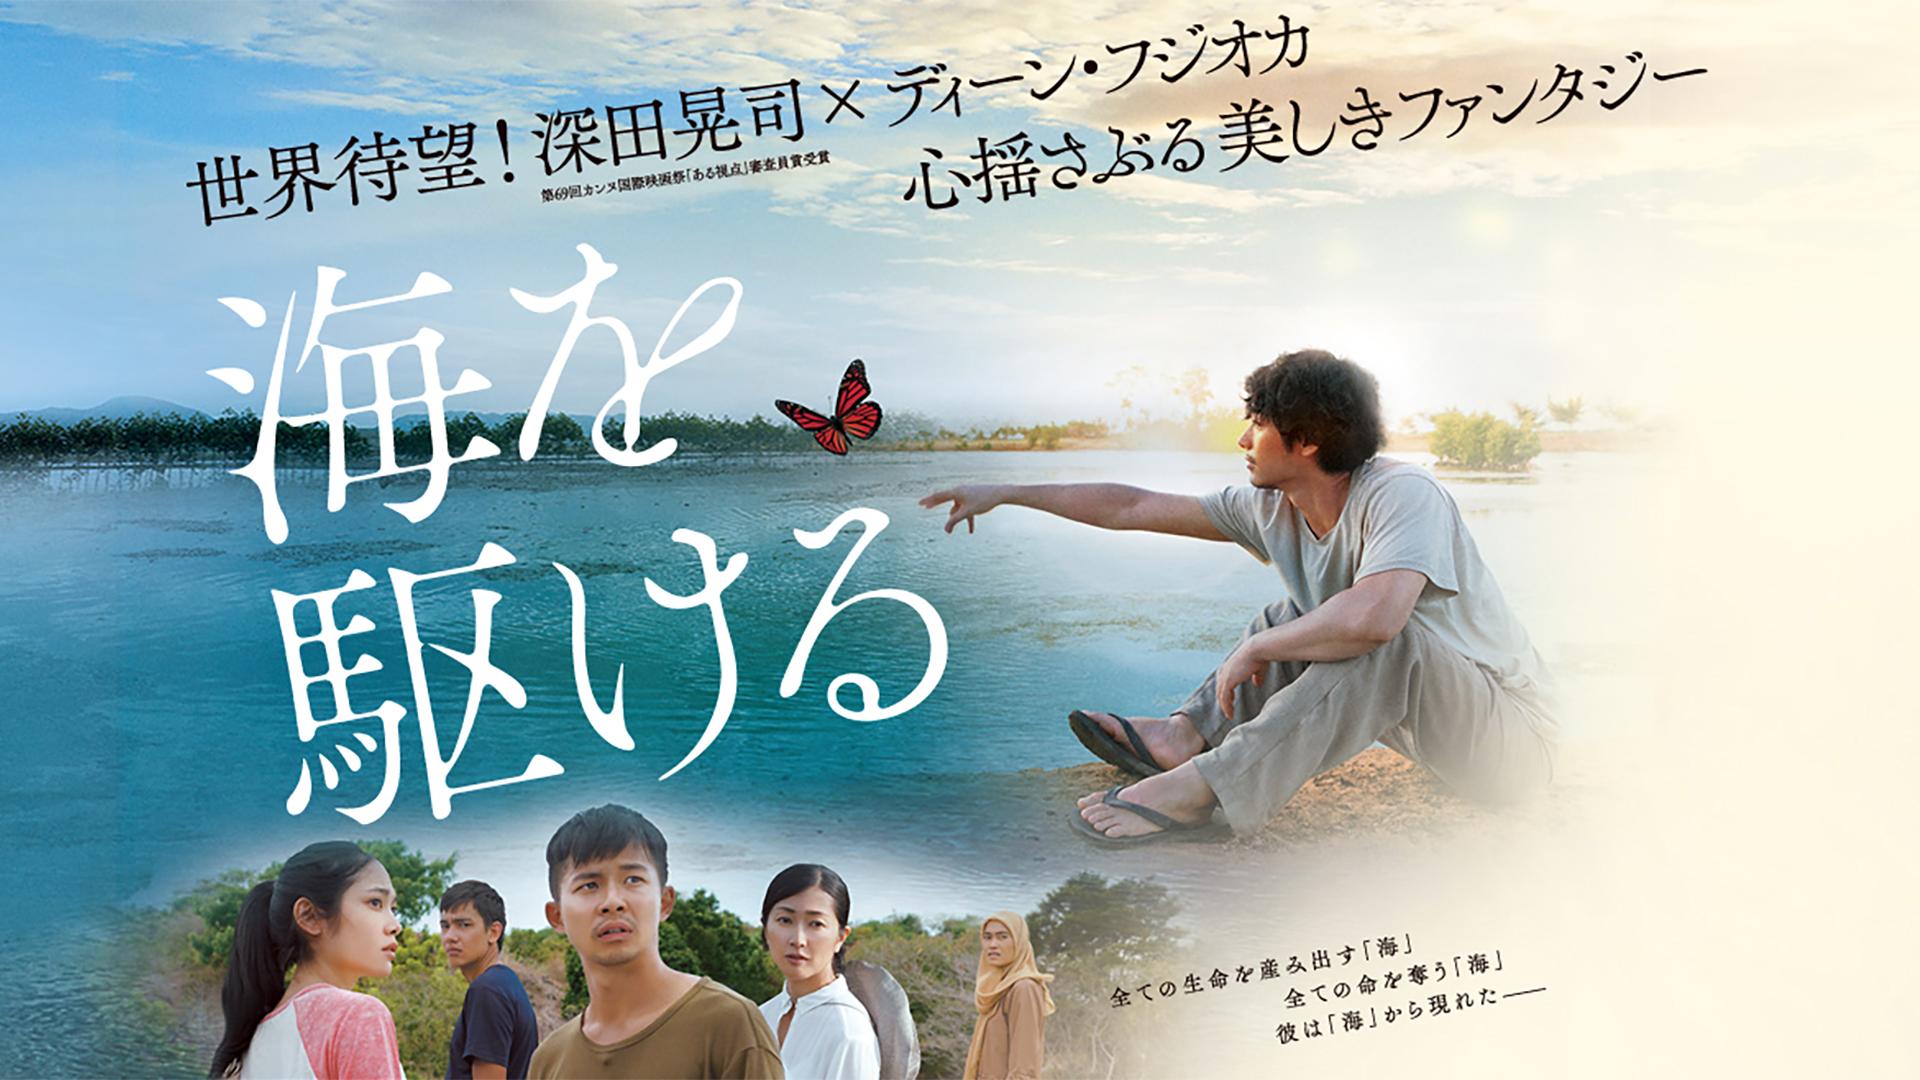 映画『海を駆ける』